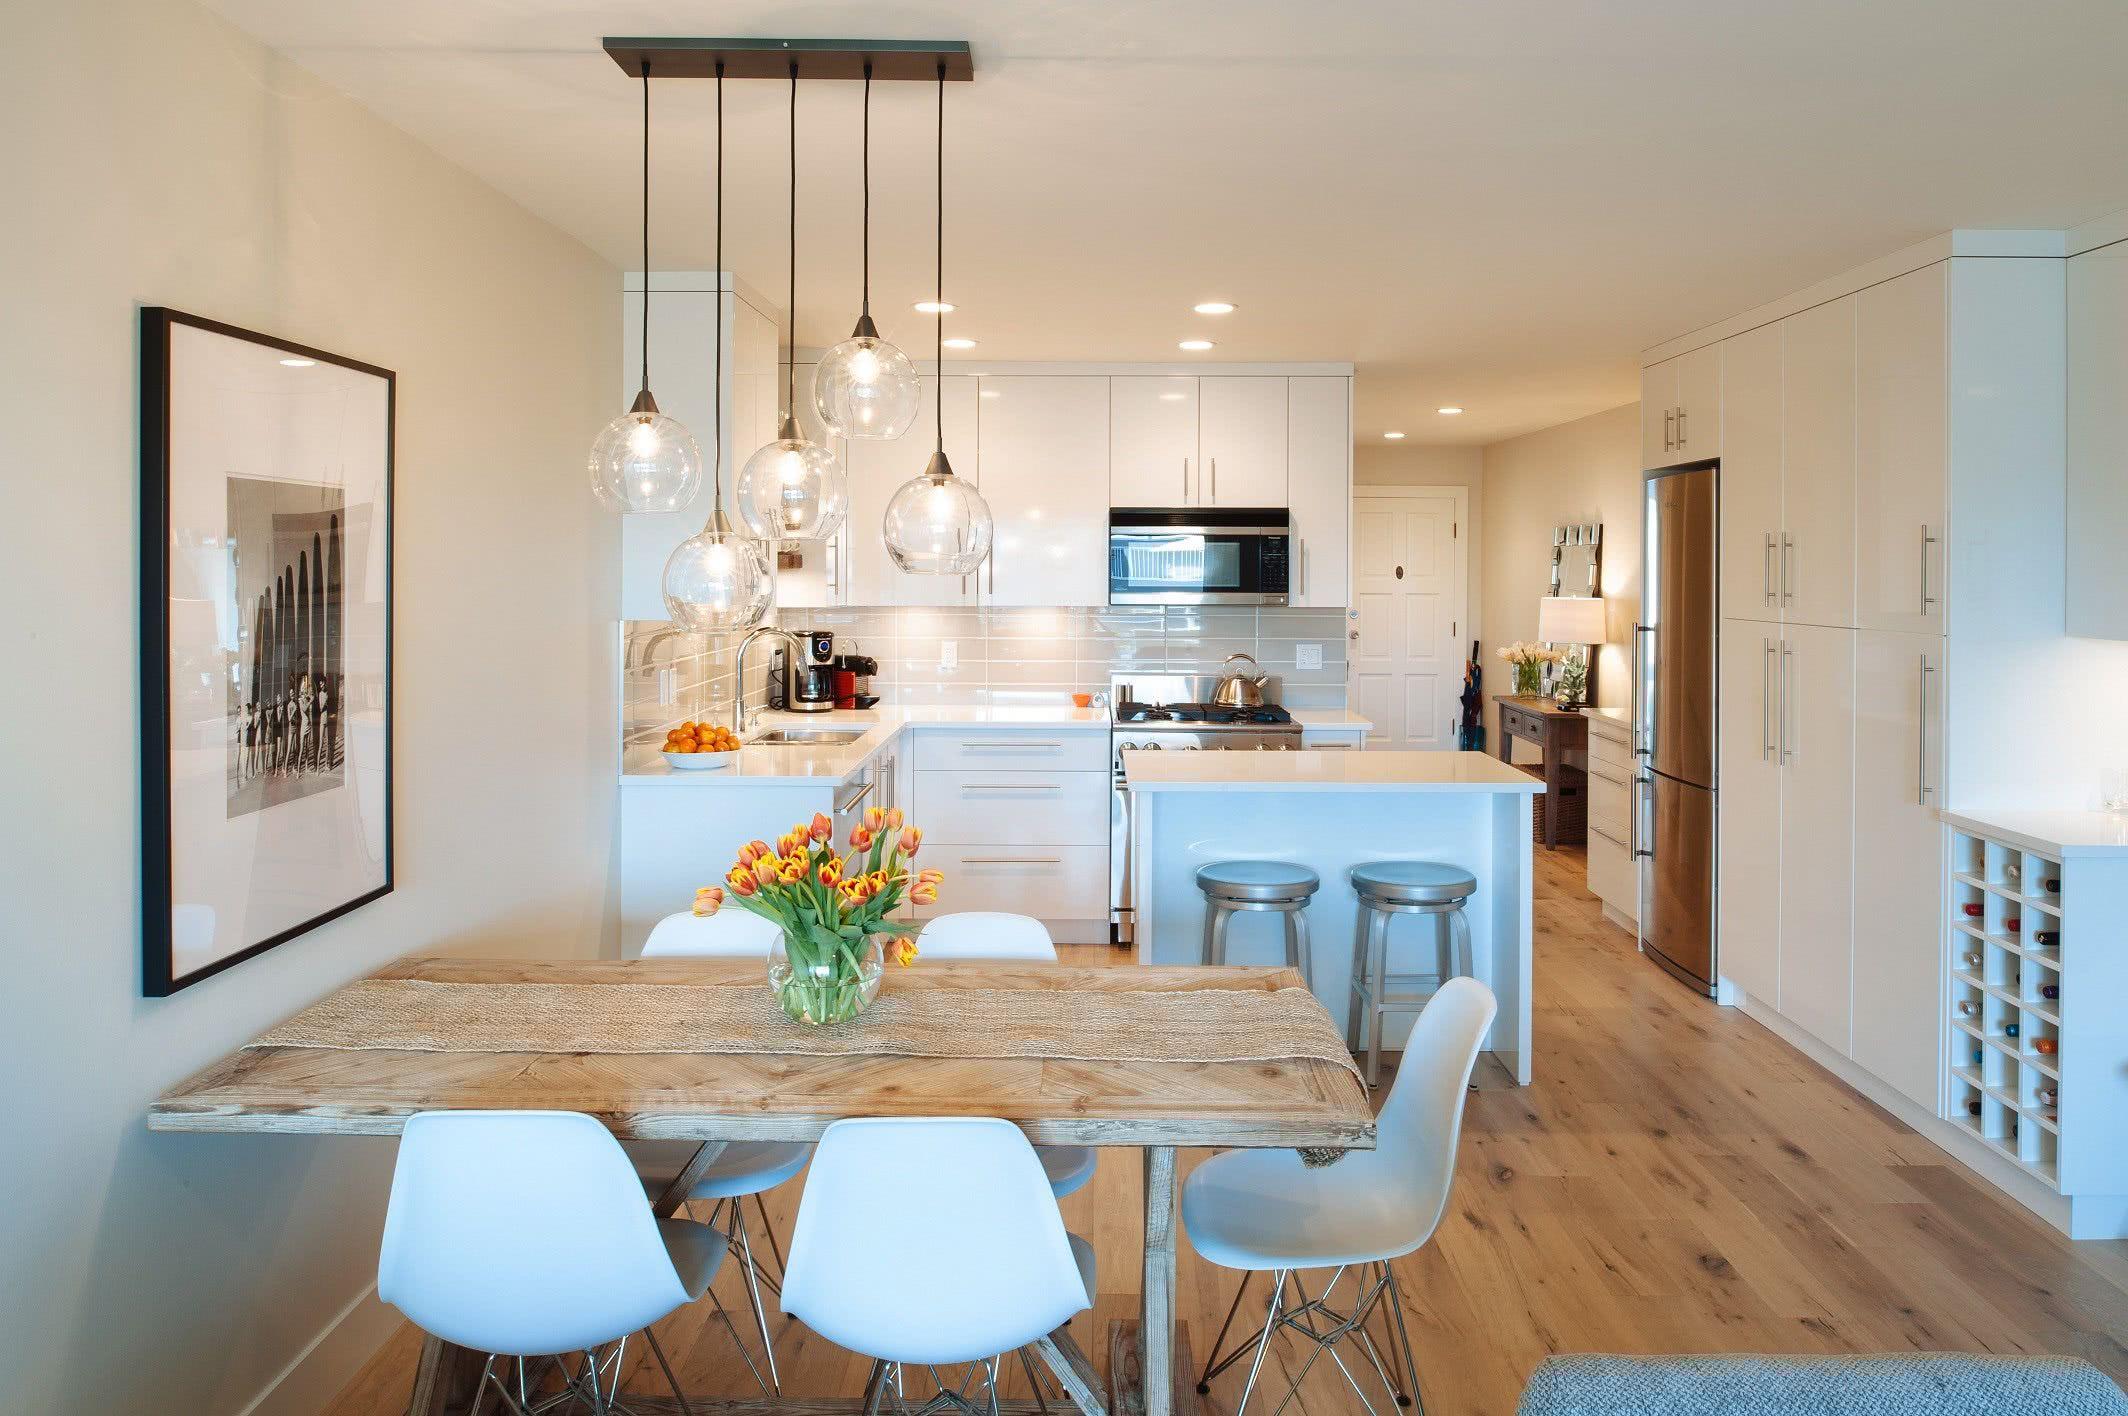 Cozinha Com Abertura Para Sala Cozinha Com Abertura Para Sala  -> Abertura Entre Cozinha E Sala